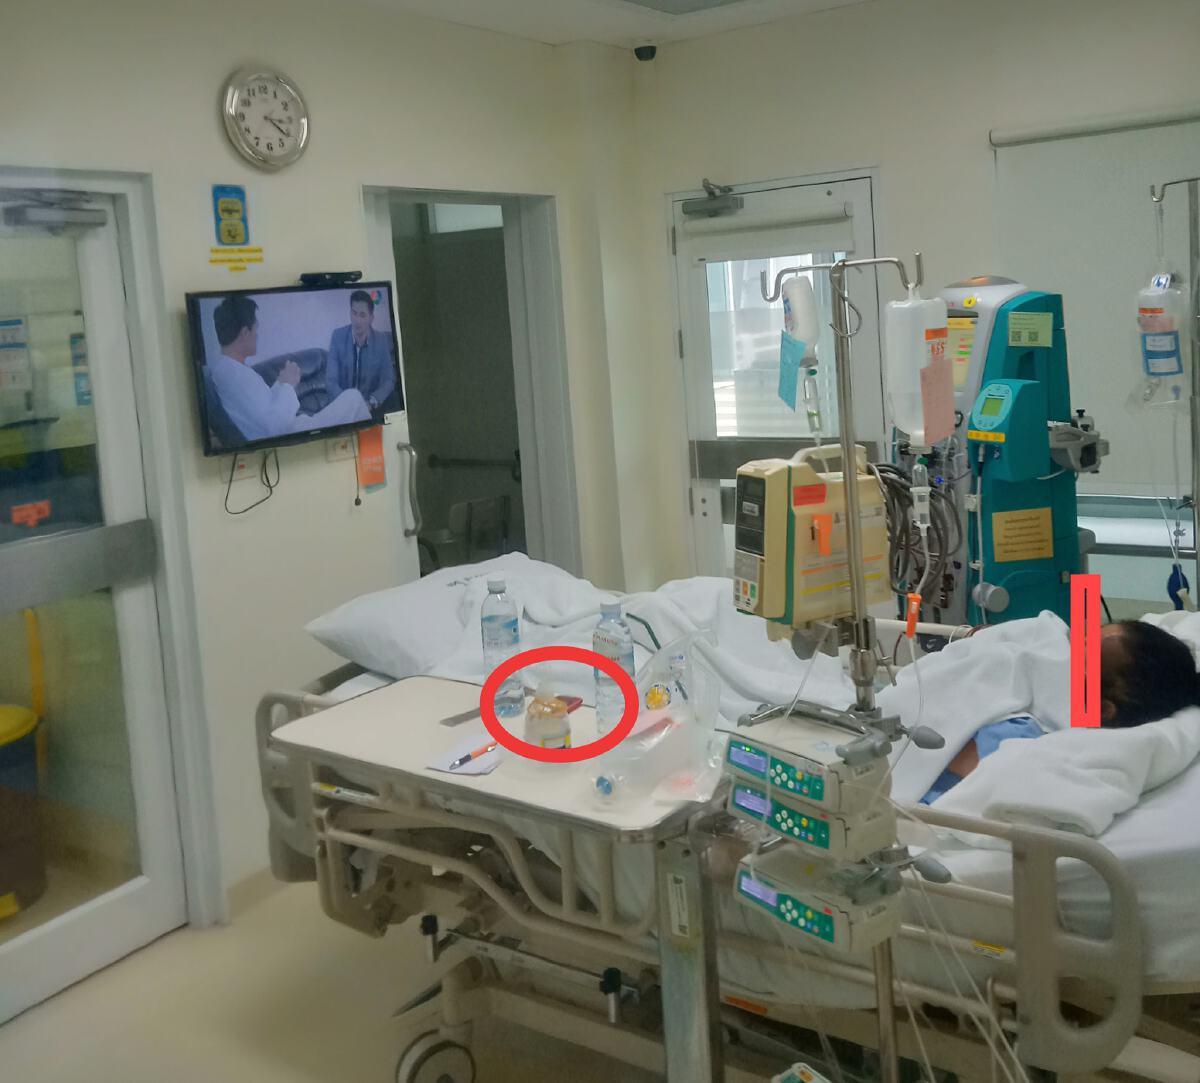 หมอศิริราช เล่าชีวิตผู้ป่วยโควิดในห้องความดันลบ สภาพจิตใจแทบสู้ไม่ไหว